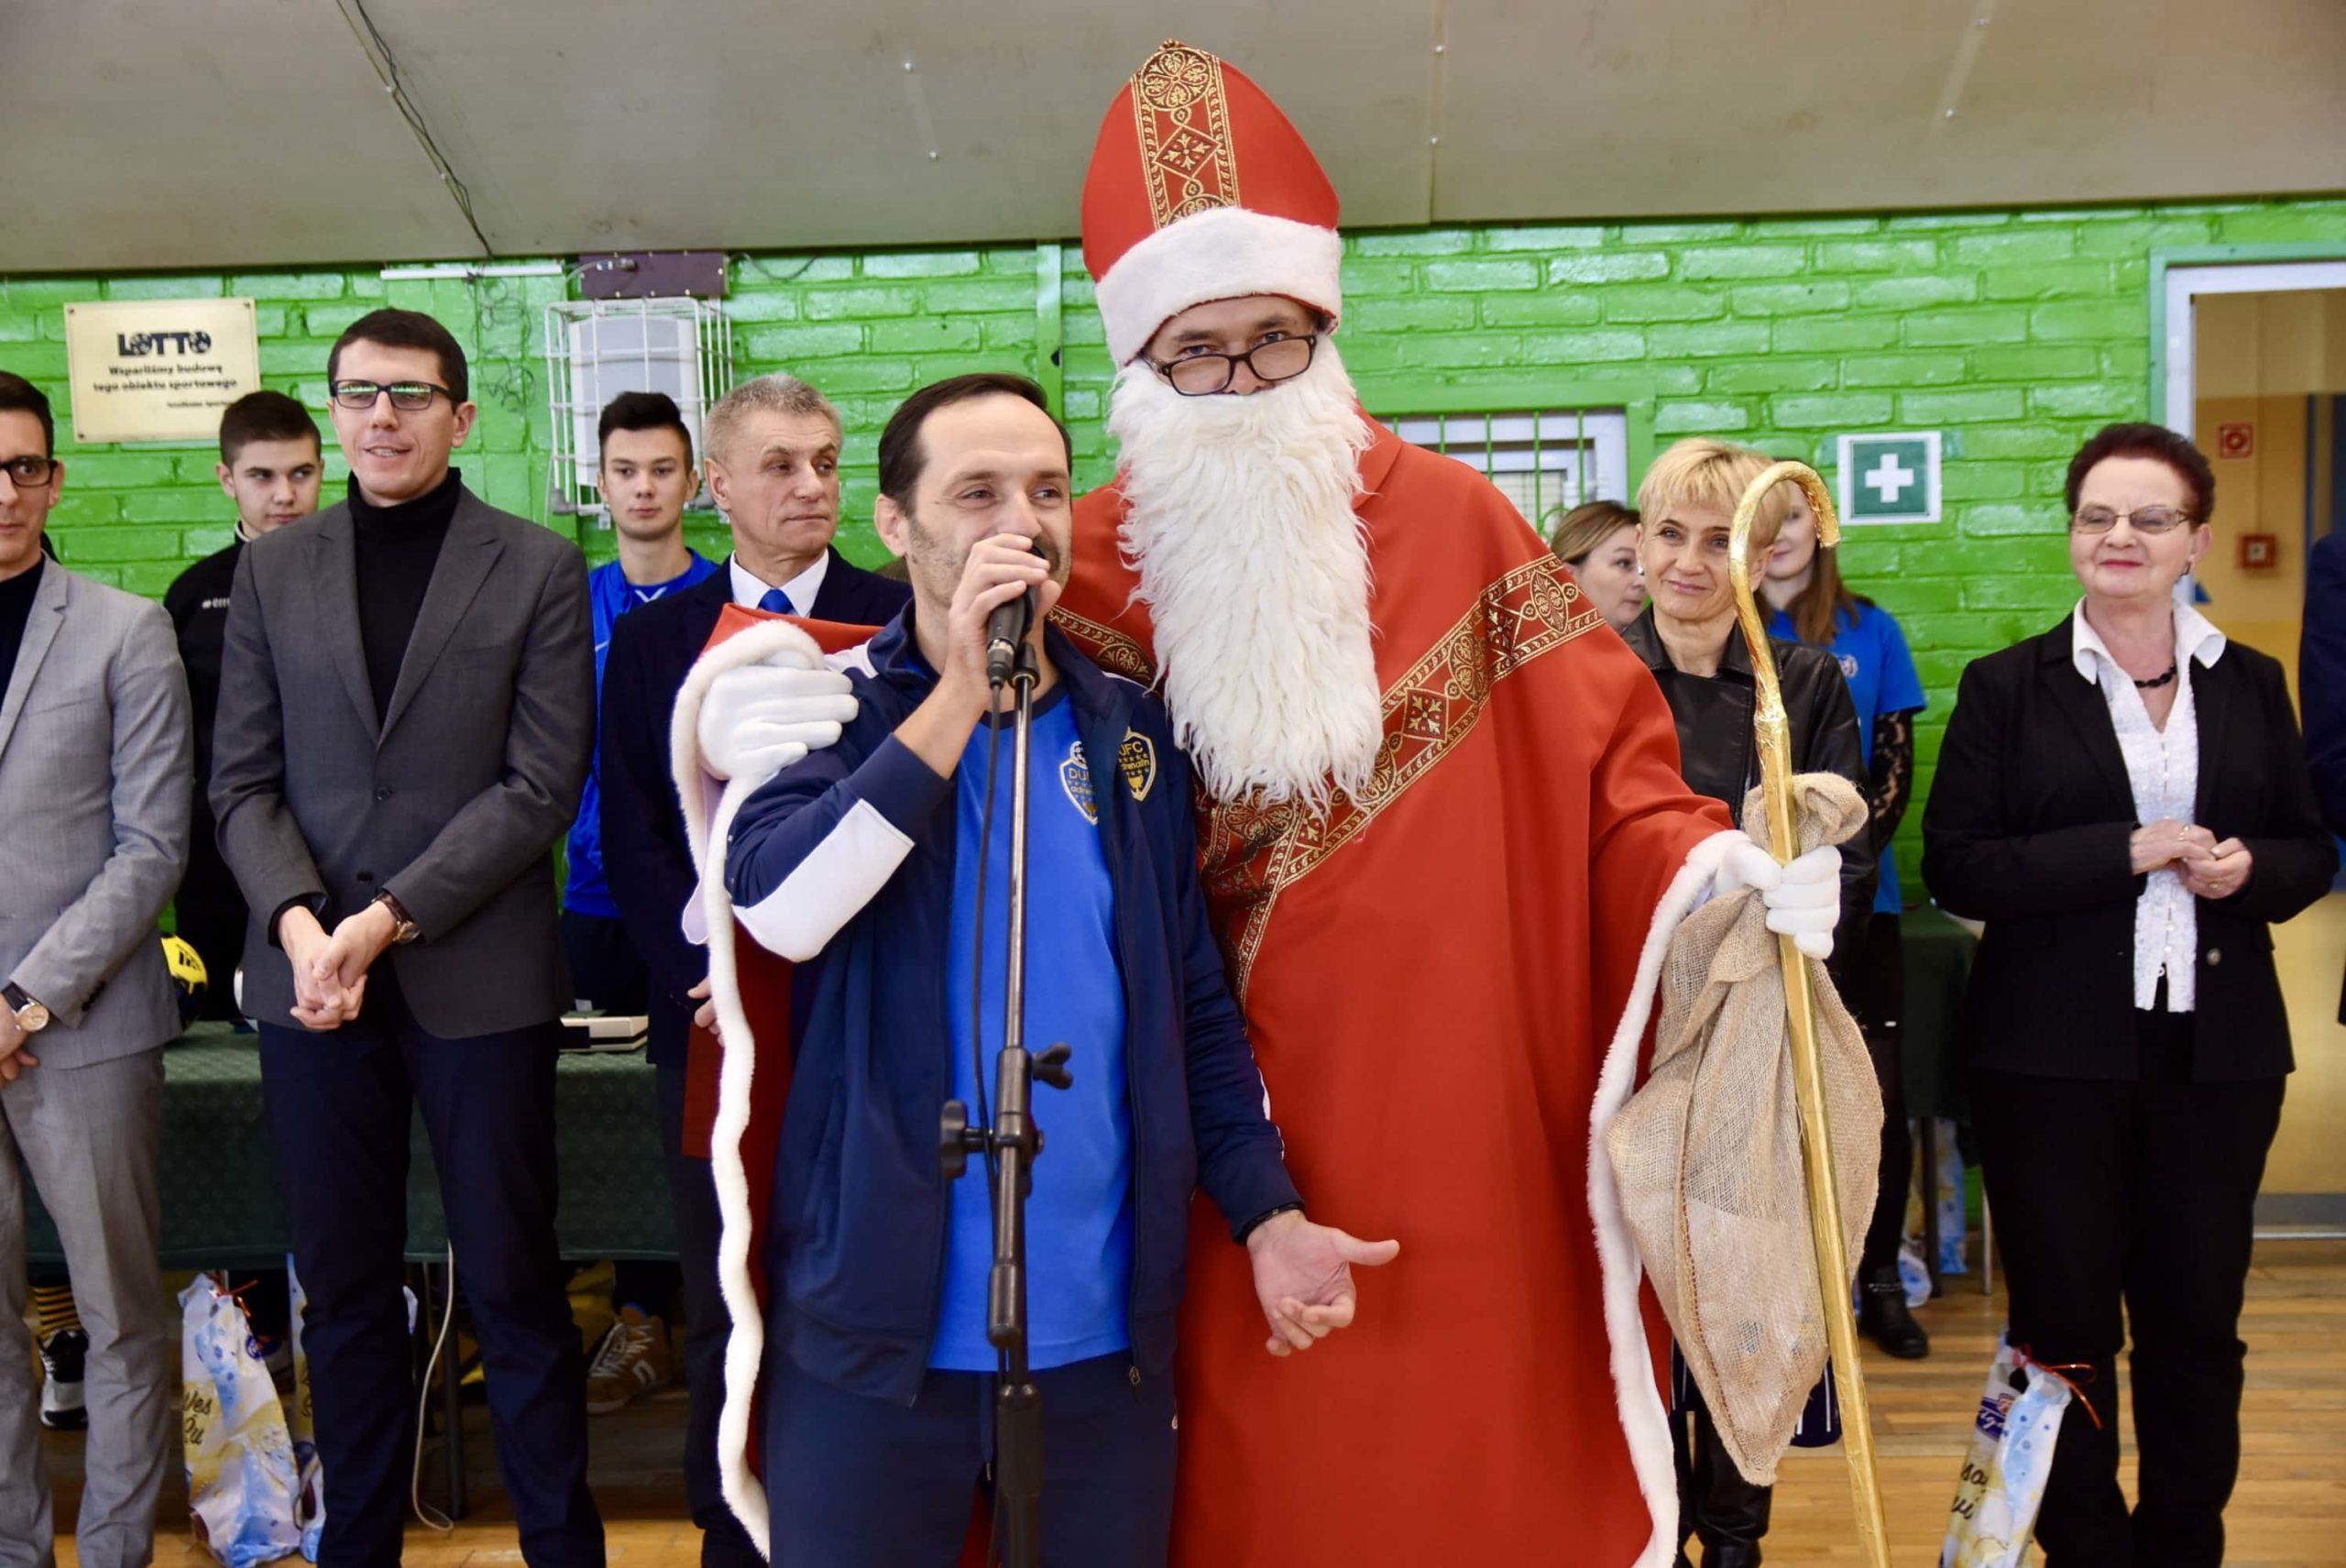 dsc 1031 scaled 1 Halówka z Mikołajem (dużo zdjęć)